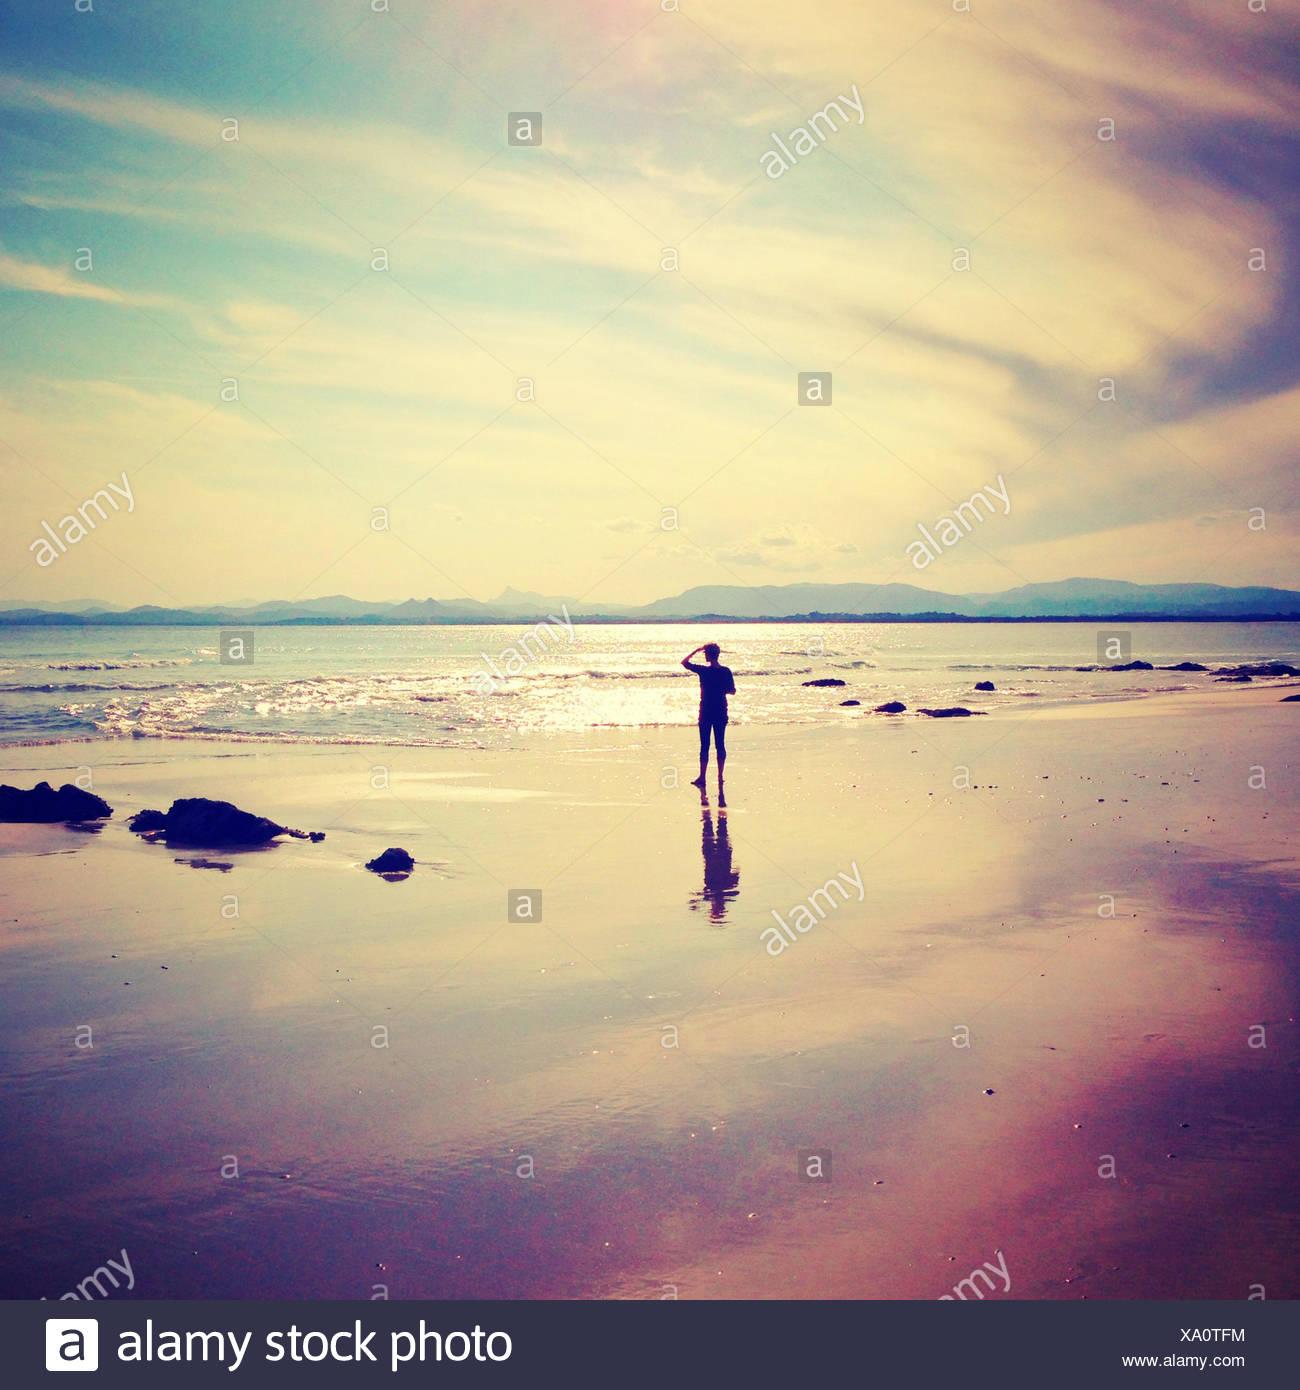 Silhouette di un uomo in piedi sulla spiaggia affacciata sul mare Immagini Stock